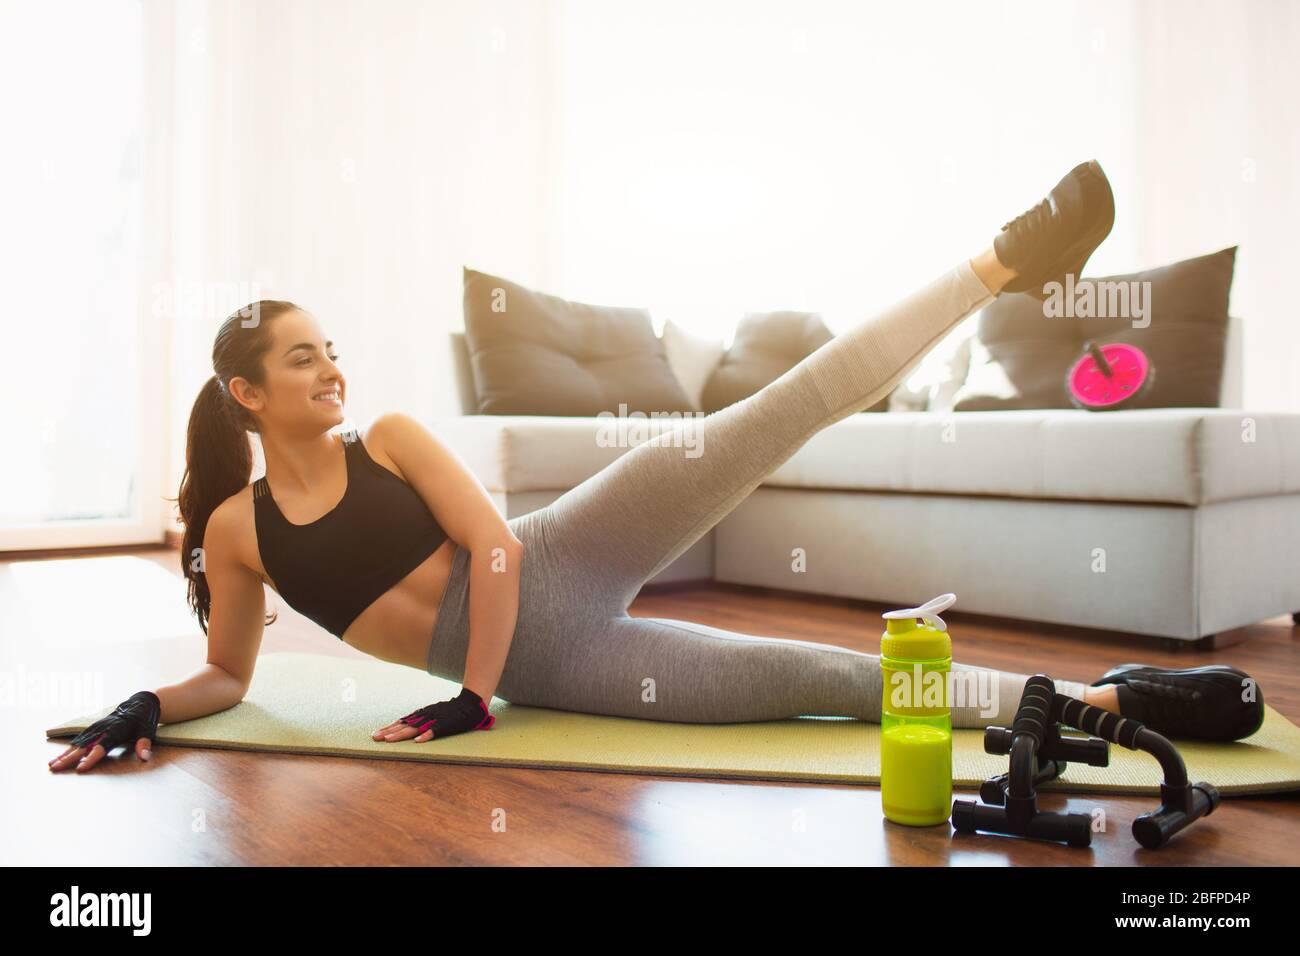 Mujer joven haciendo ejercicio deportivo en la habitación durante la cuarentena. Niña acostada en el lado de la cadera y sujeta la pierna izquierda hacia arriba. Estiramiento de la parte baja del cuerpo. Hacer ejercicio solo Foto de stock